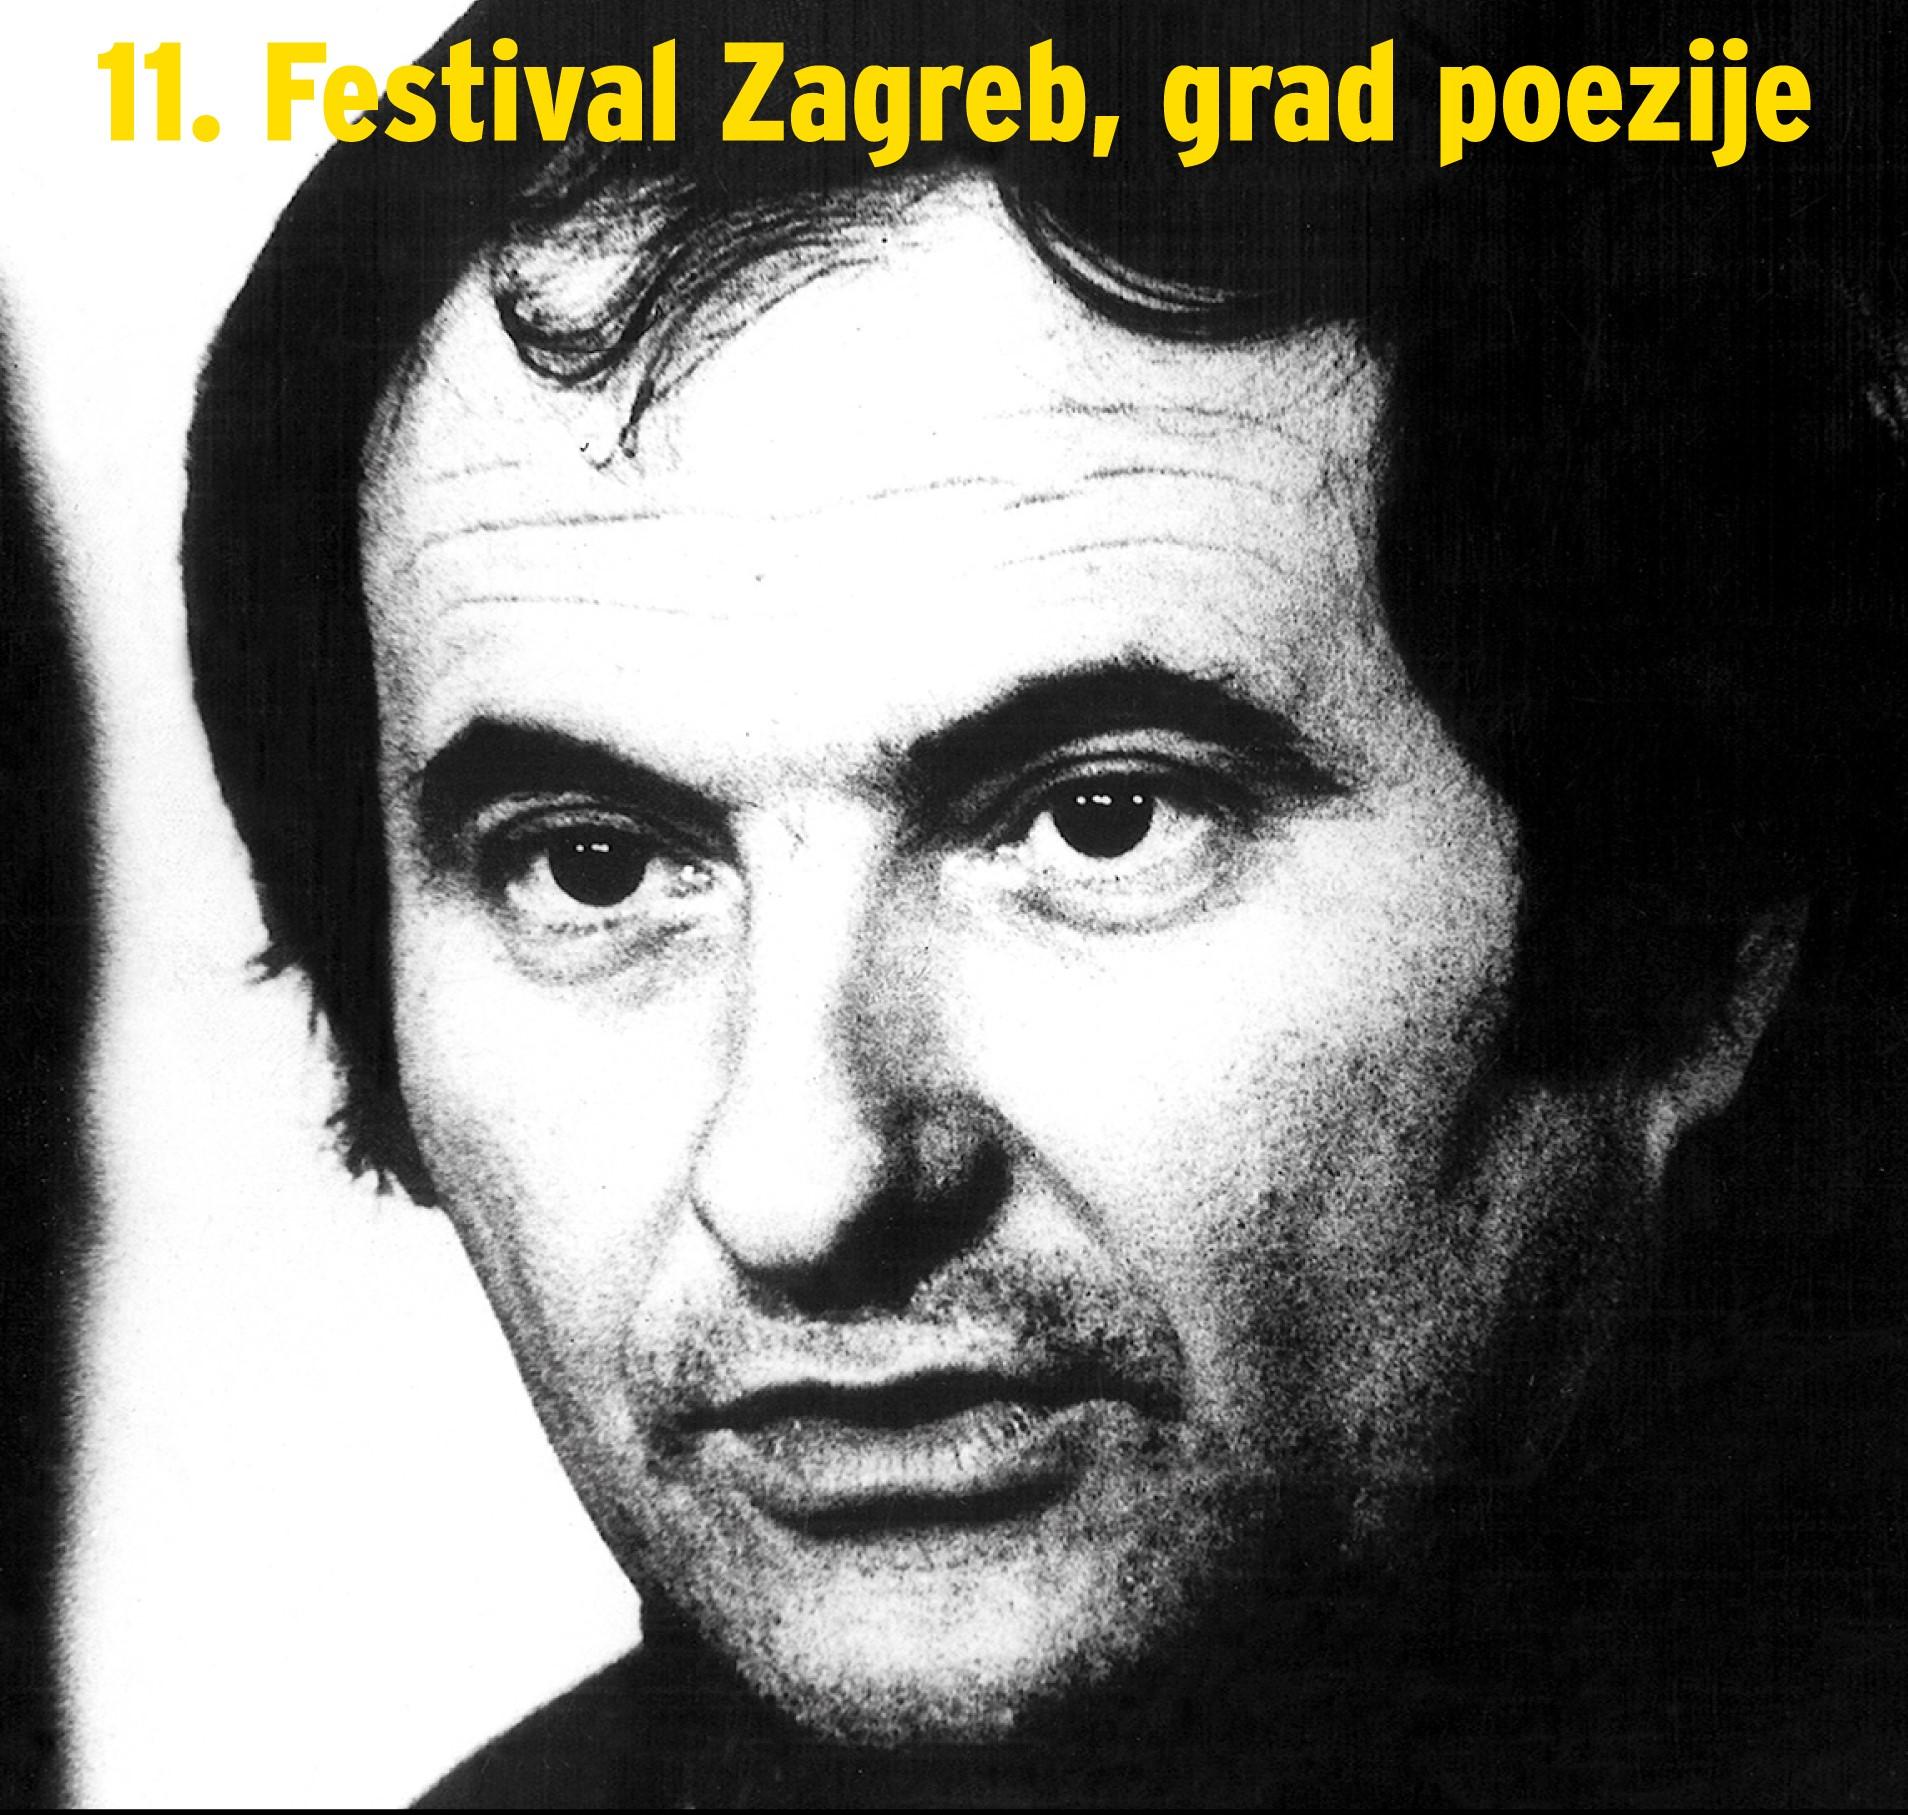 11. festival Zagreb, grad poezije – Znakovi za Vladu Gotovca